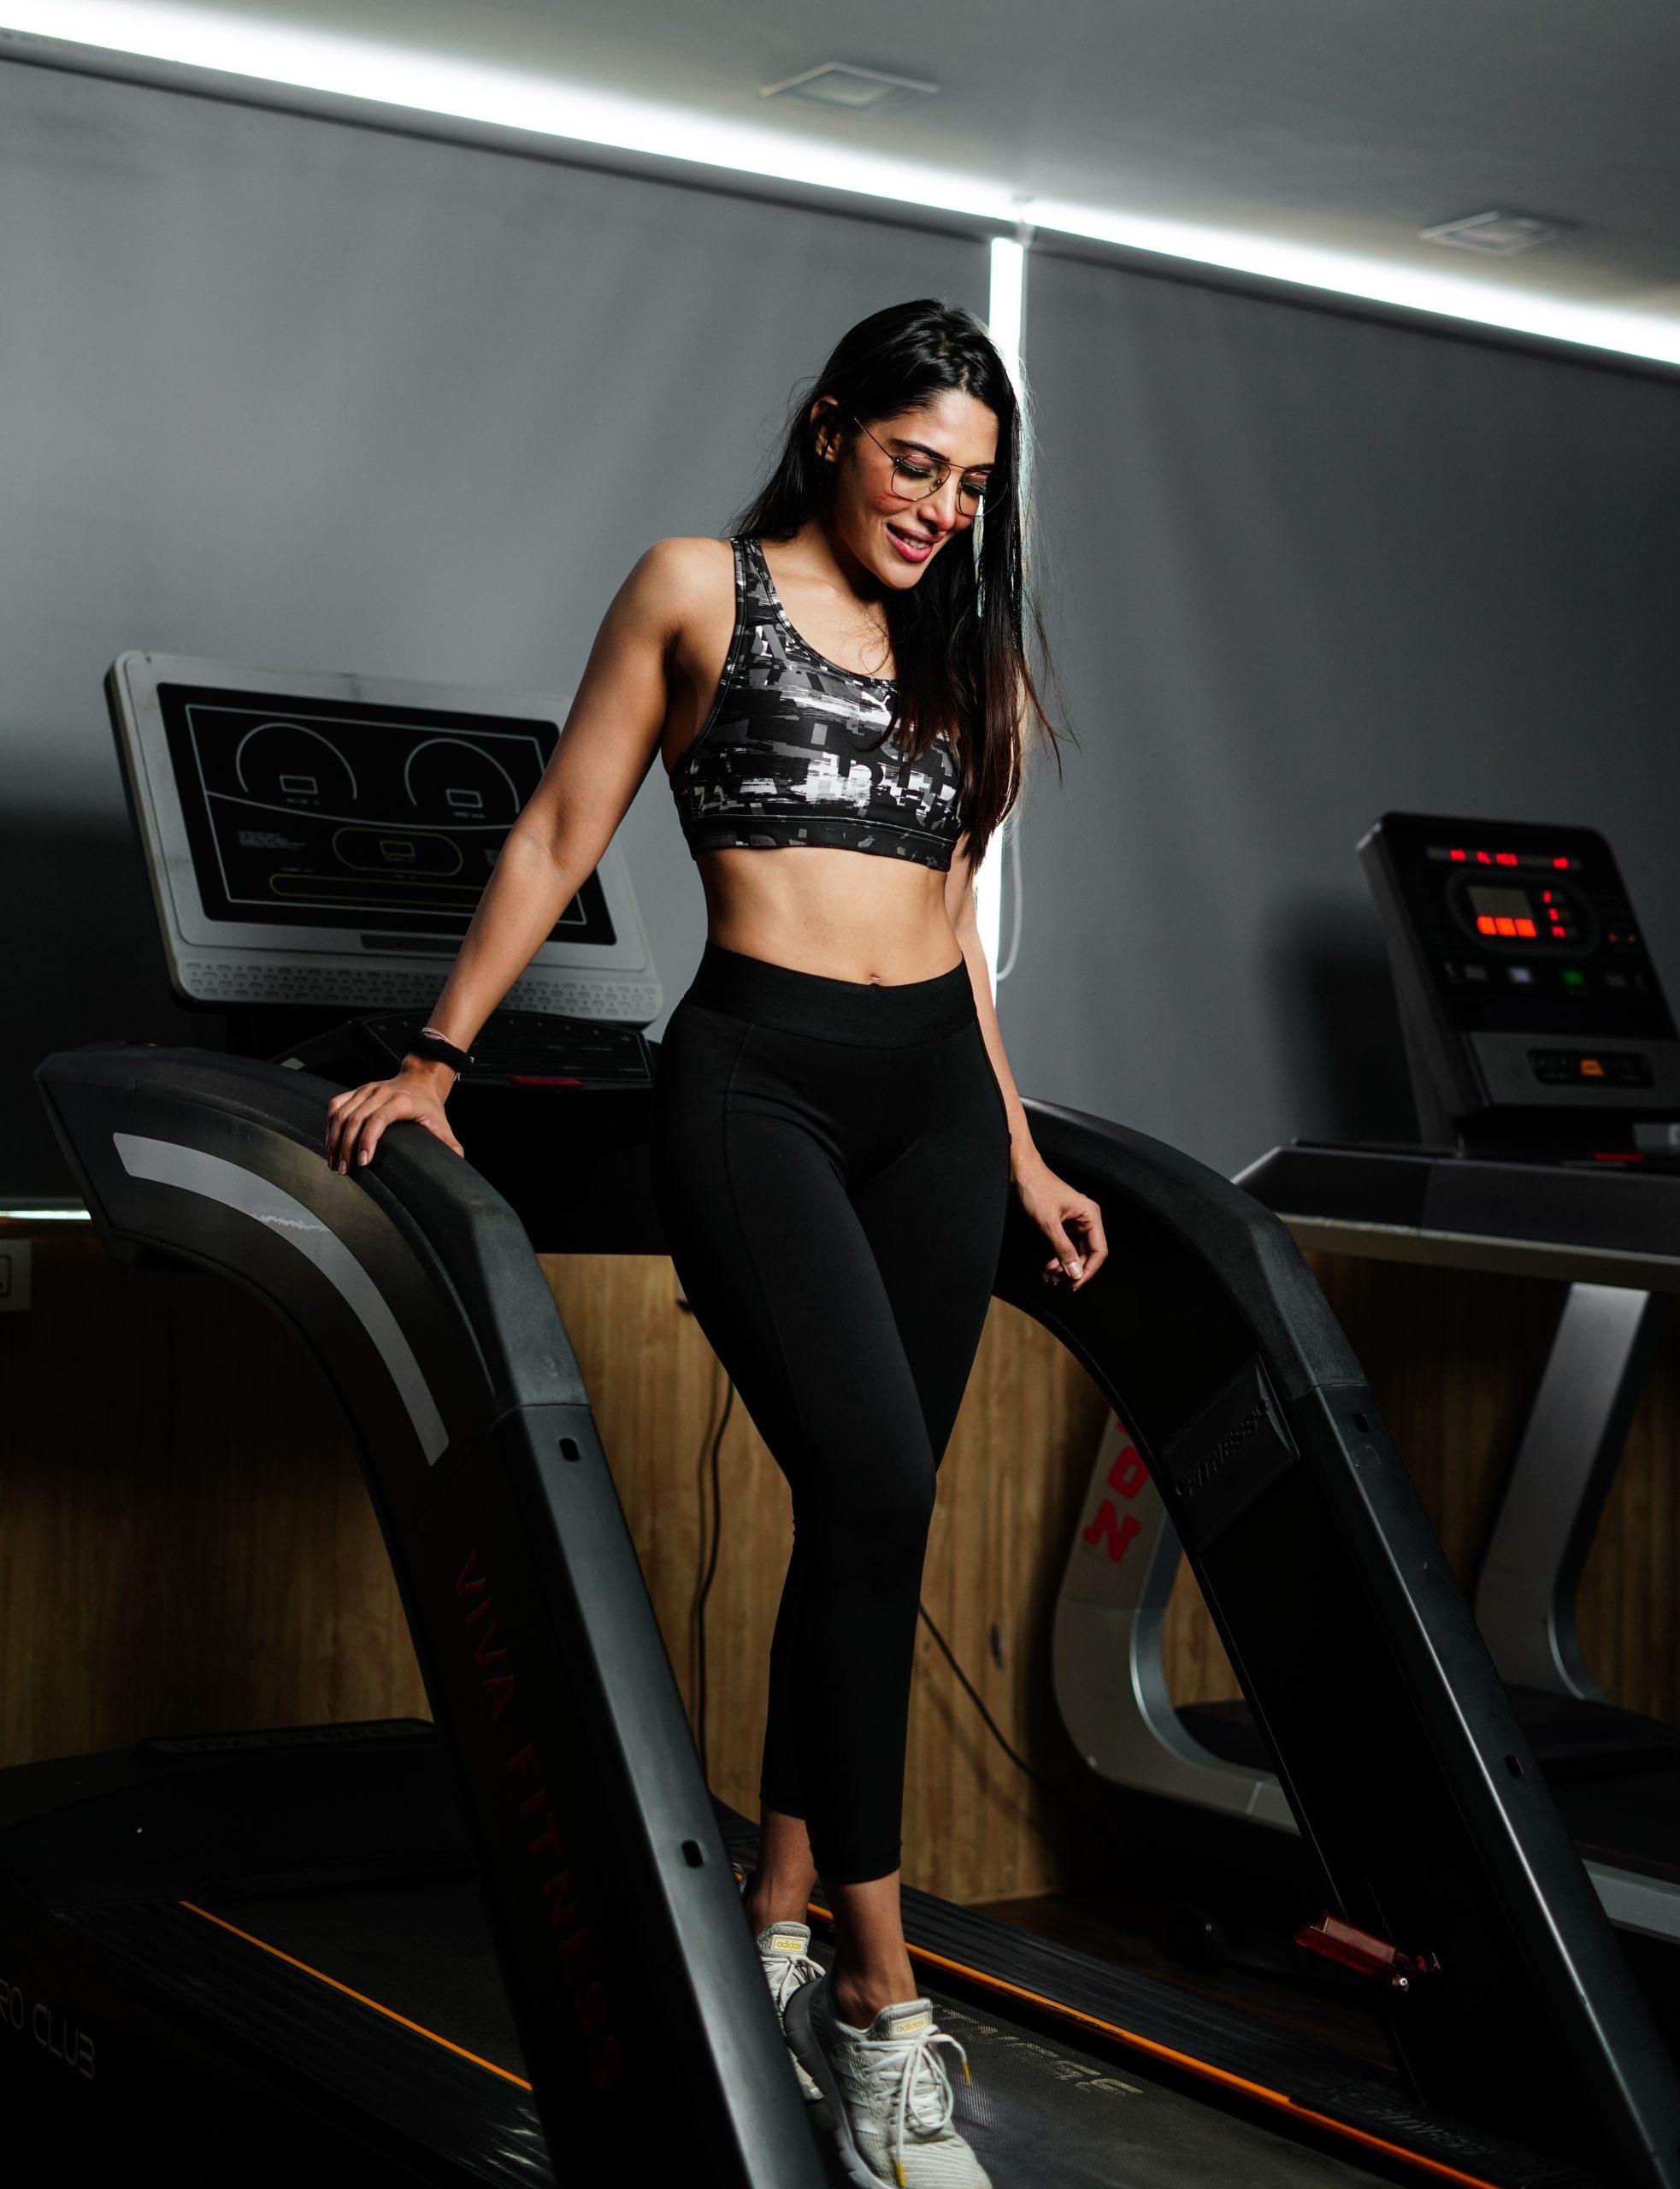 Fitness model in Treadmill